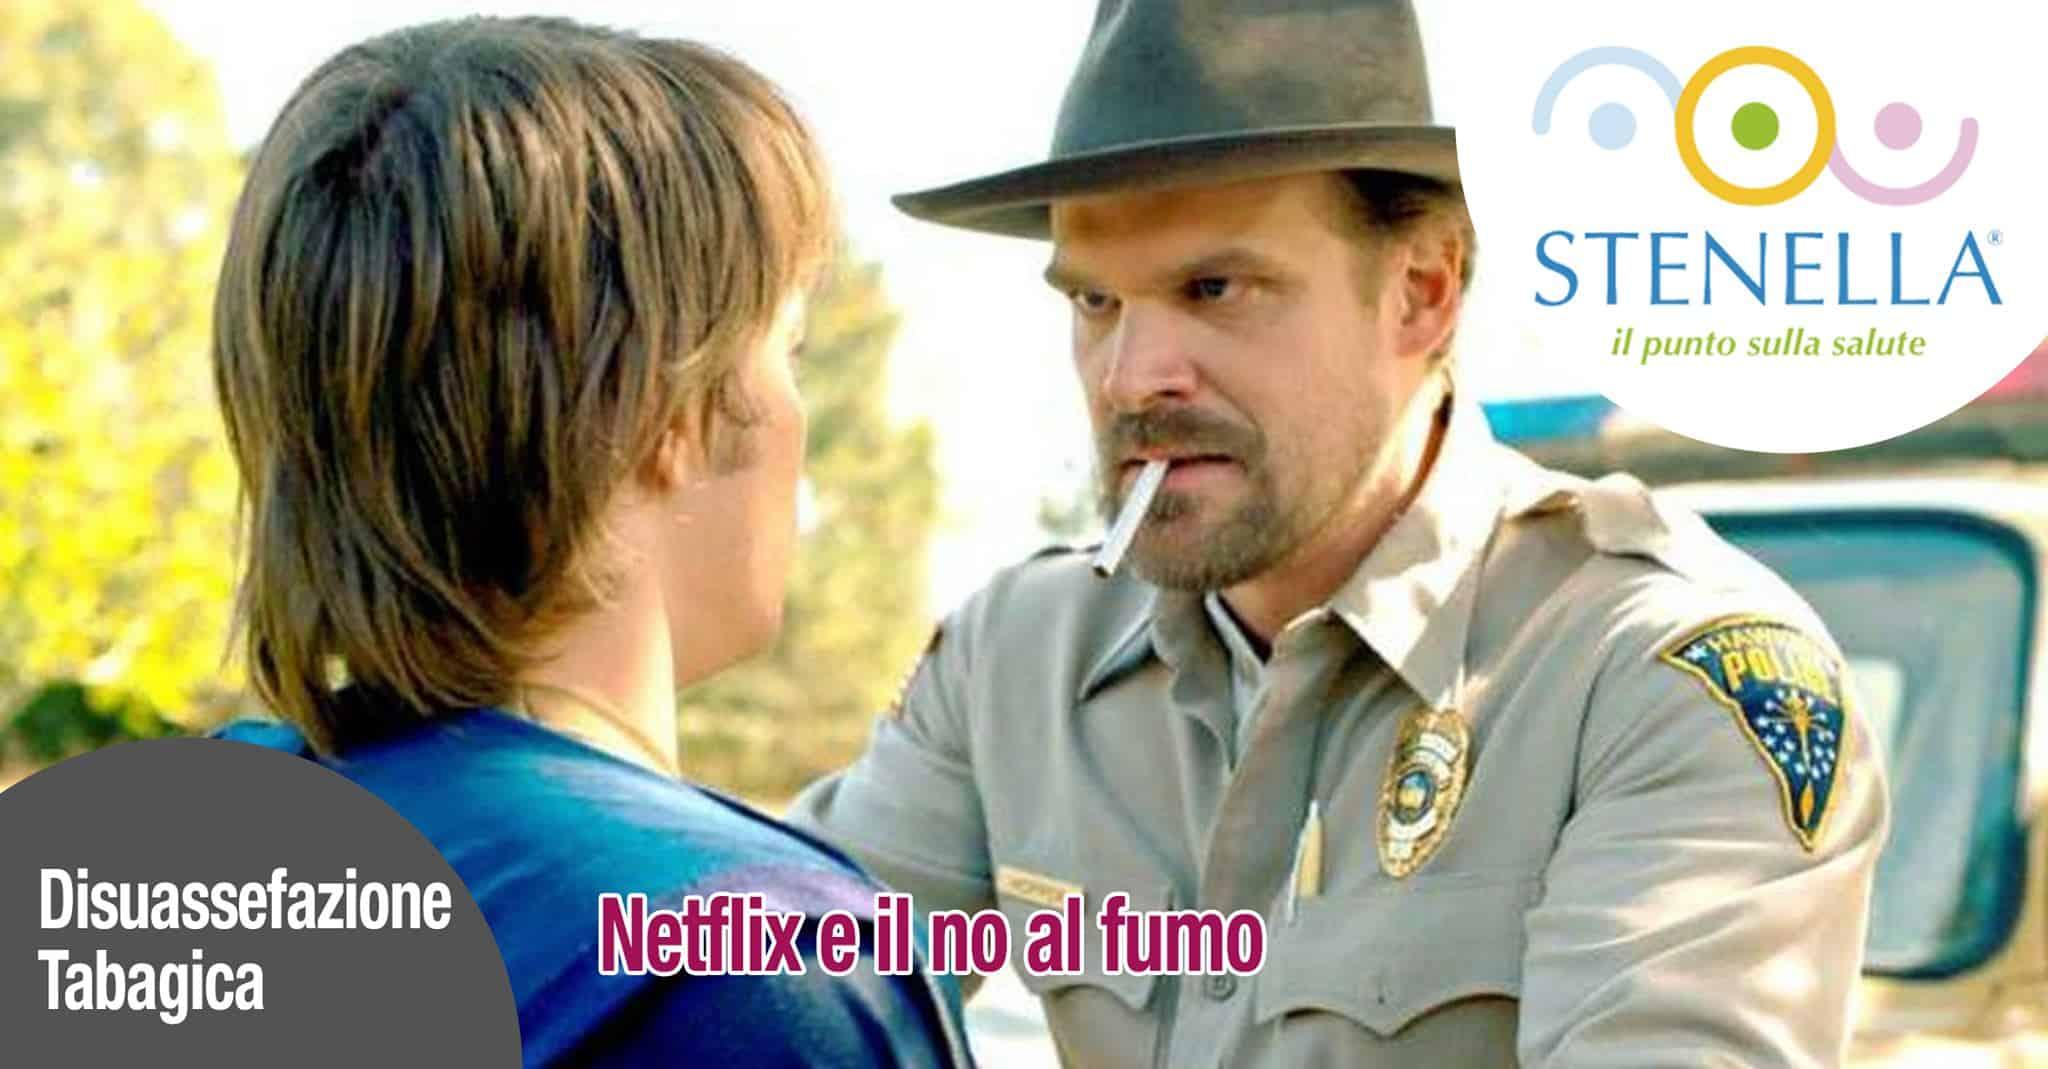 Netflix e il no al fumo